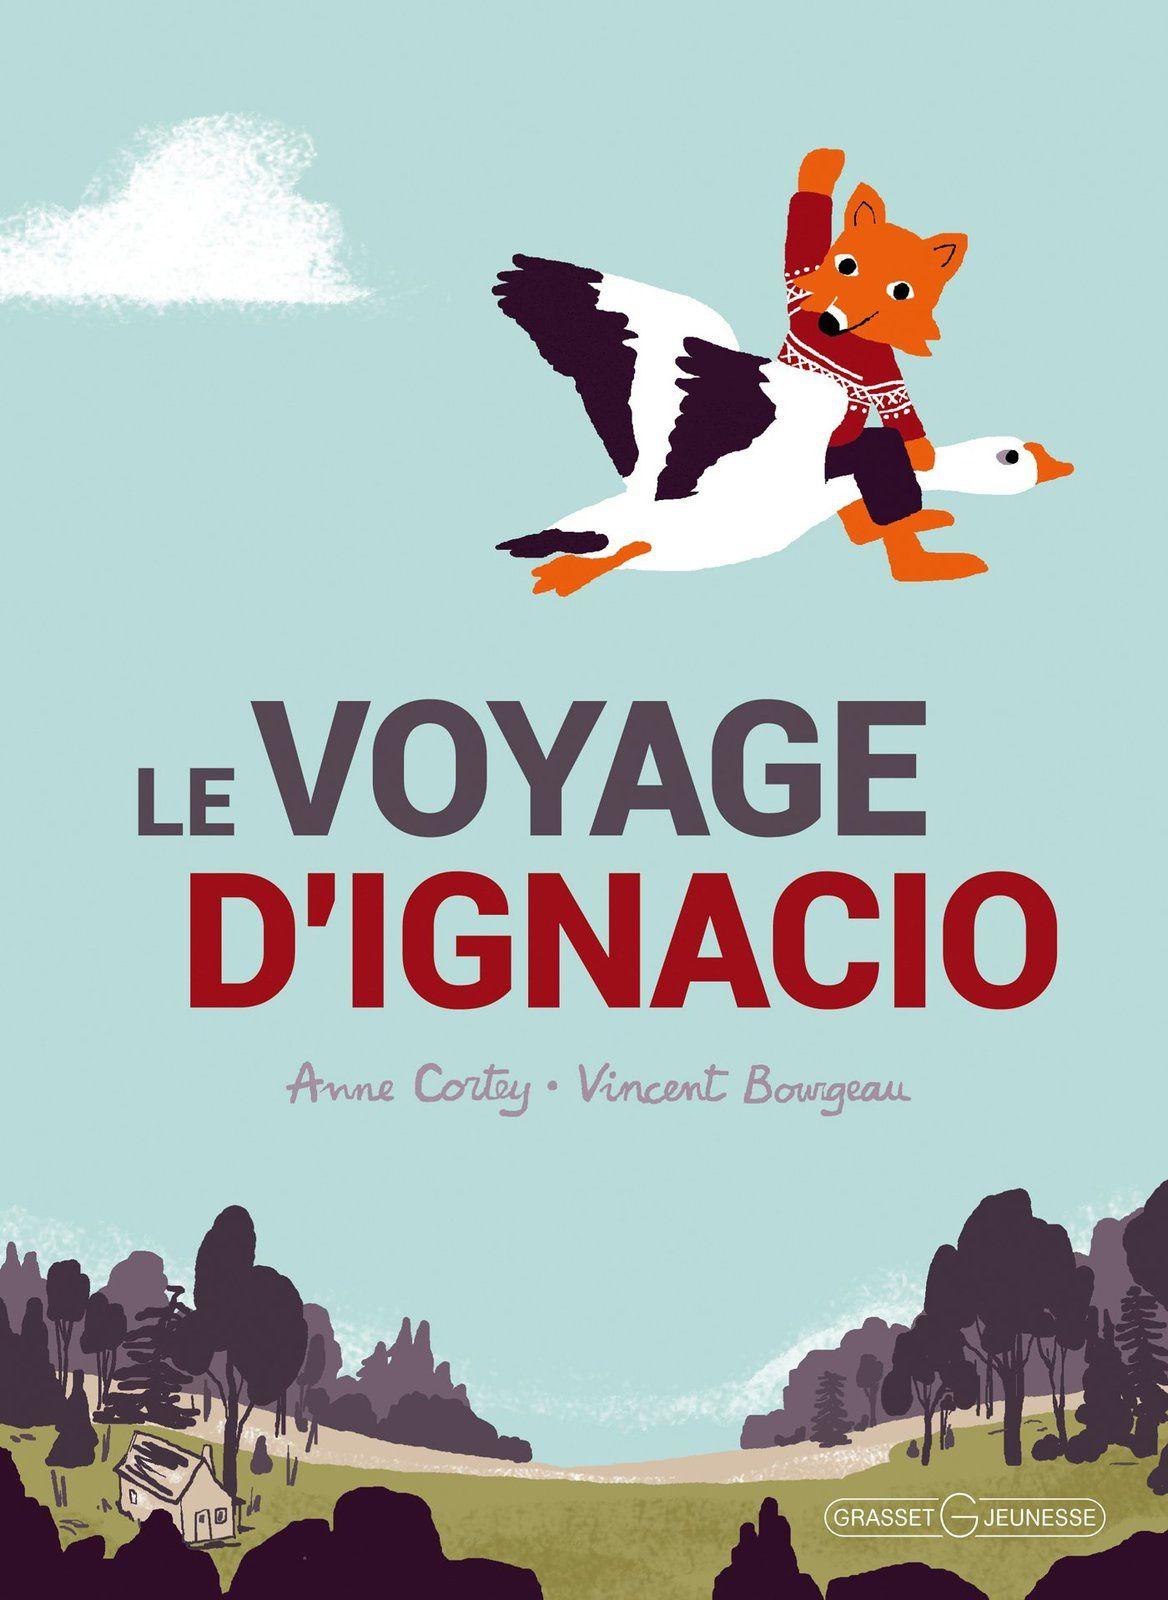 Le voyage d'Ignacio